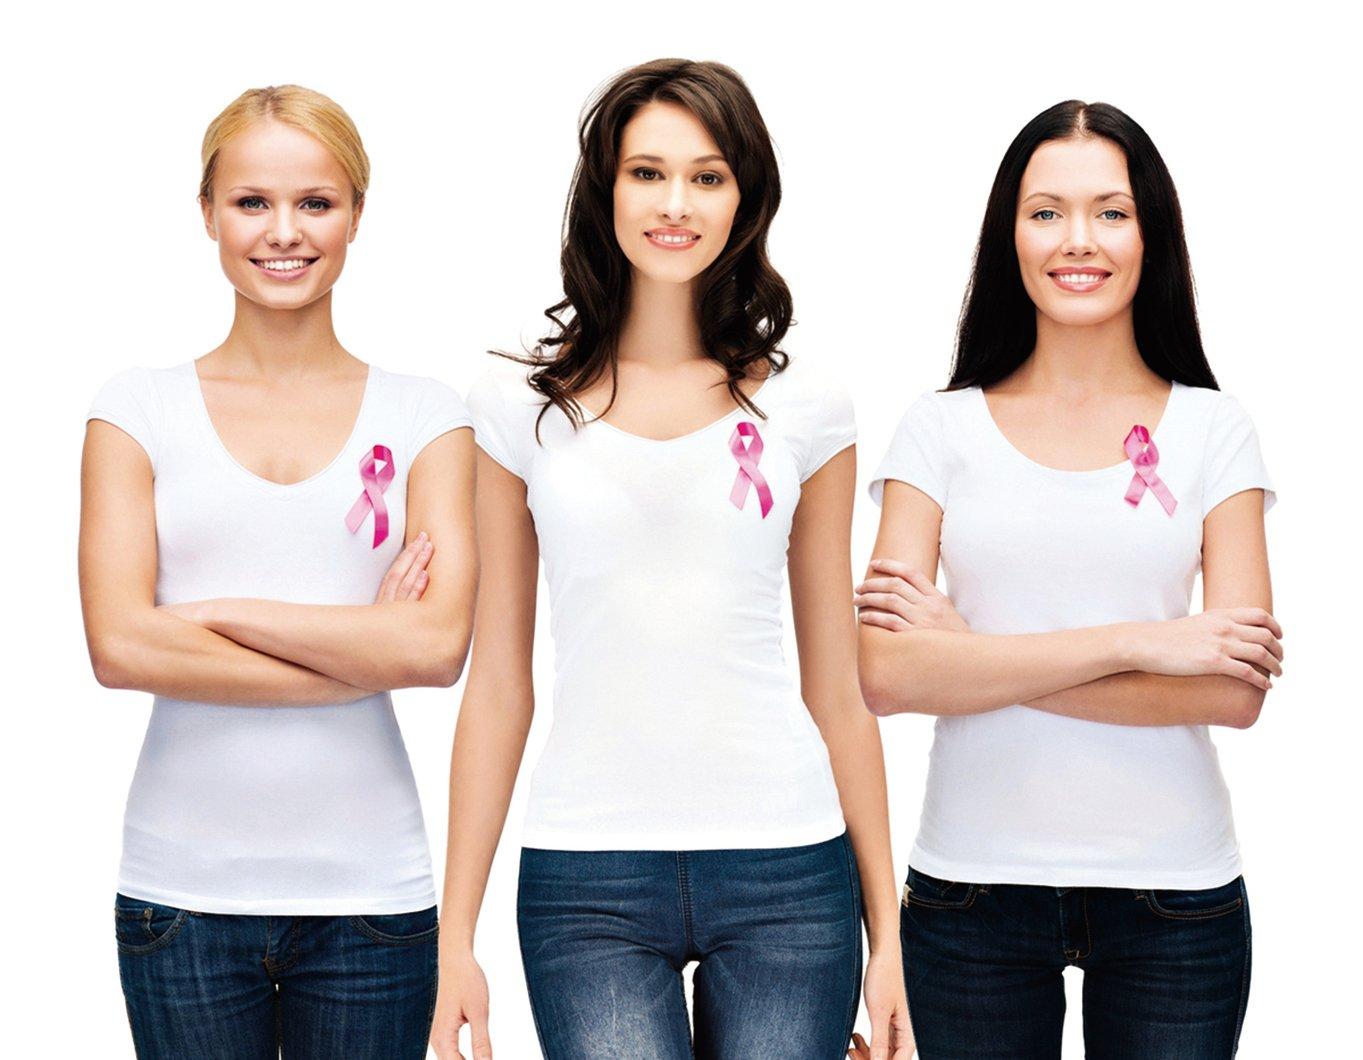 學會自我檢測 警惕乳癌 「預警信號」